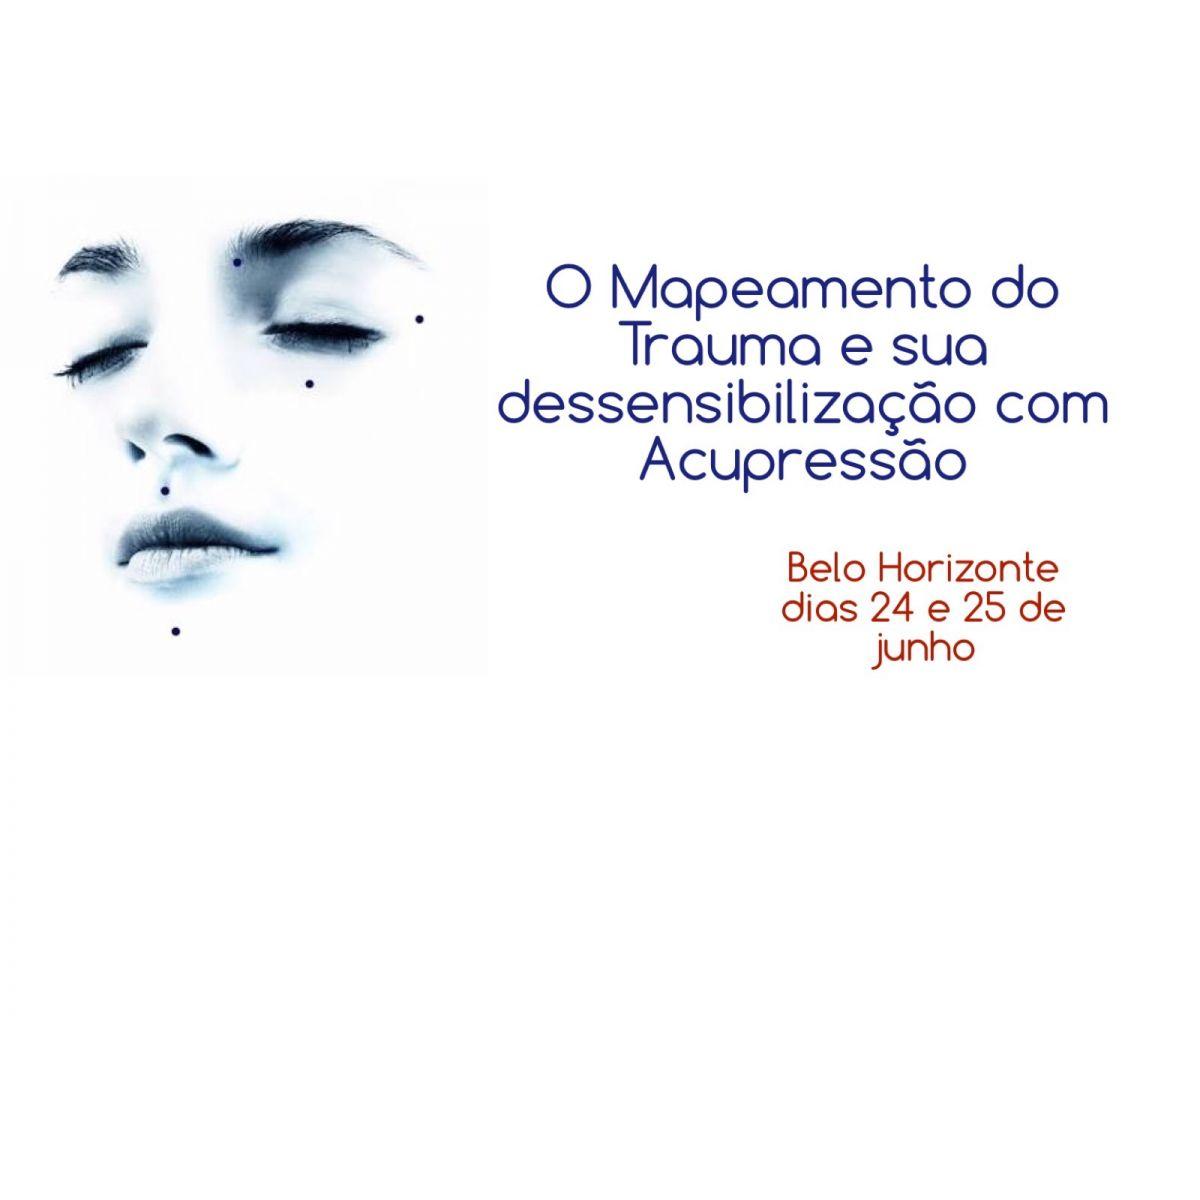 MAPEAMENTO DO TRAUMA E SUA DESSENSIBILIZAÇÃO COM ACUPRESSÃO EM BH